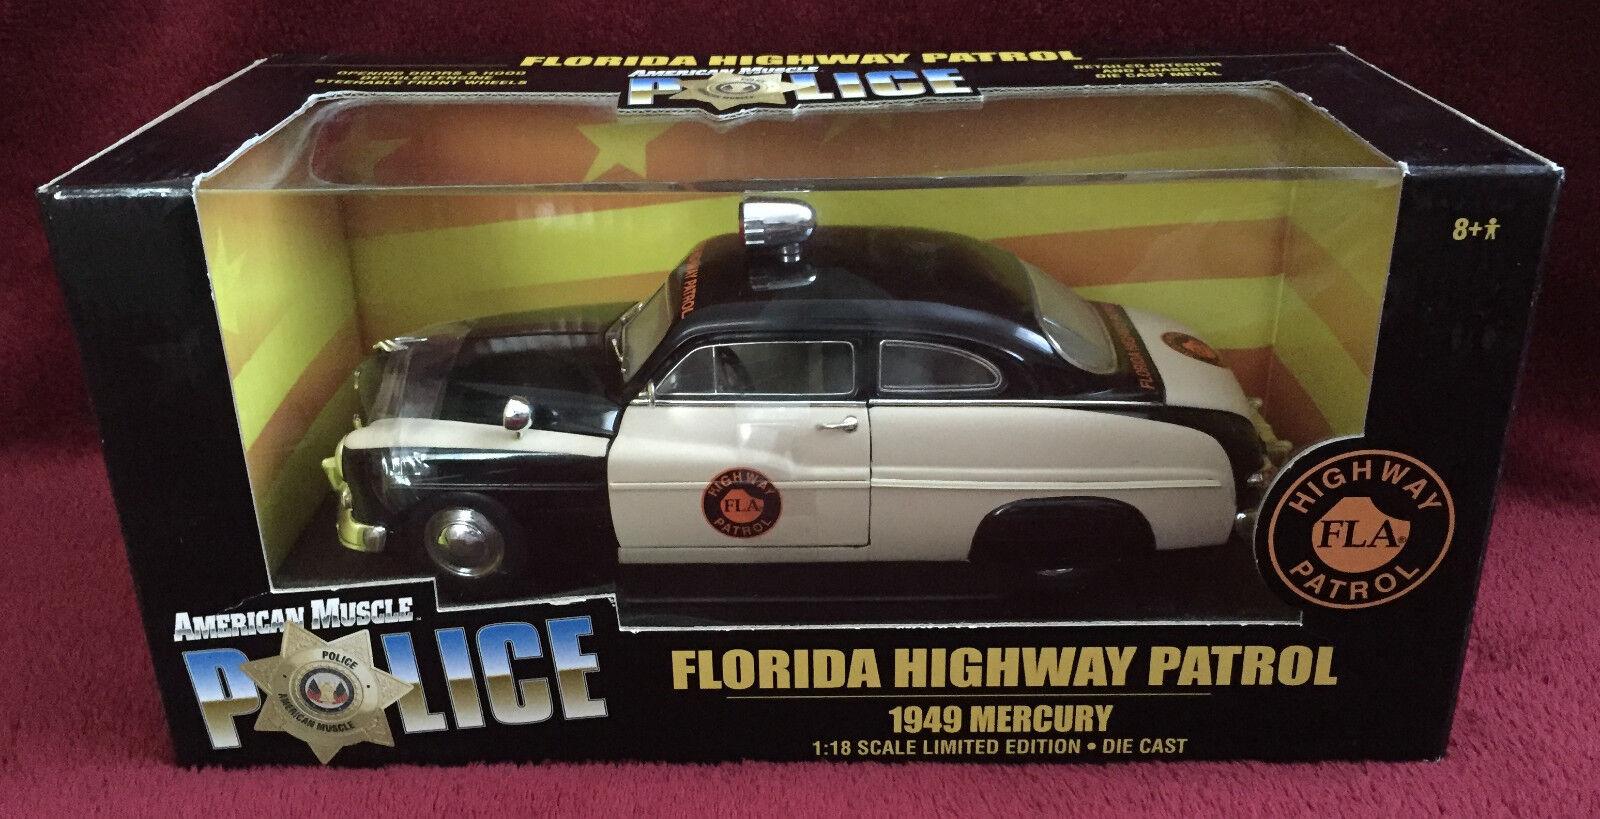 Ertl American Muscle Police 1949 Mercury Florida Highway Patrol 1/18 Diecast